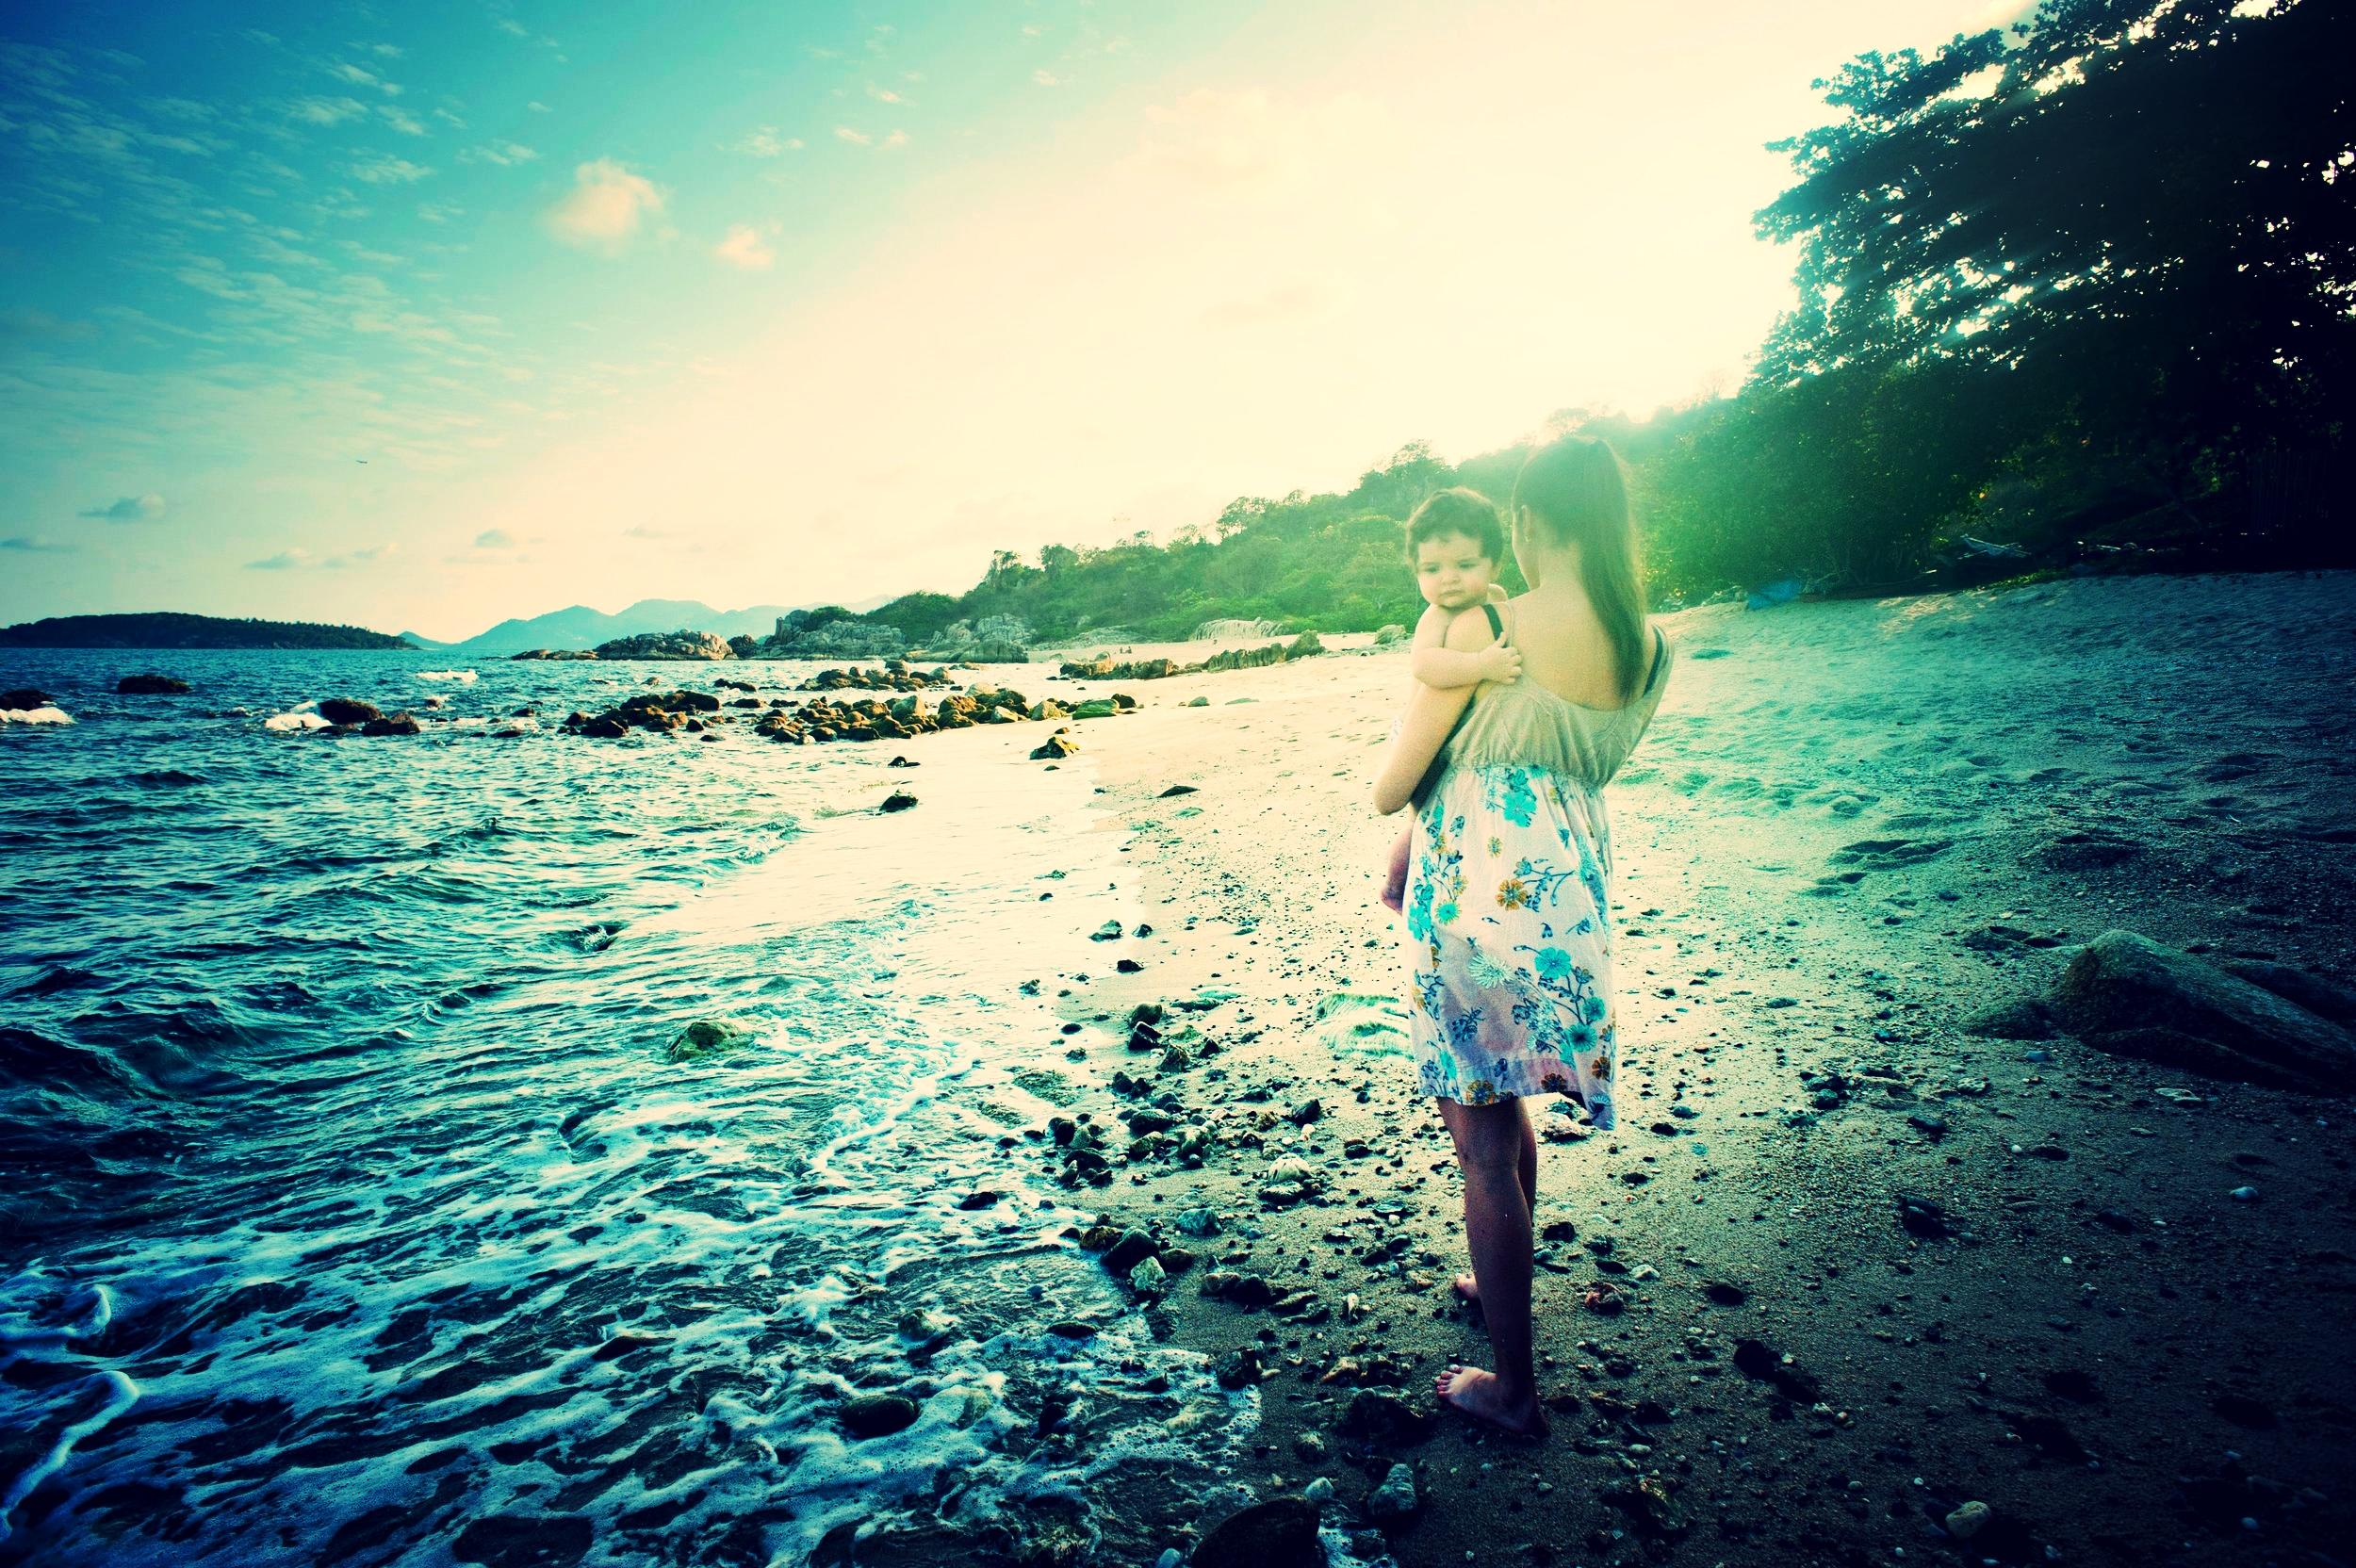 baby-beach-beautiful-1002536.jpg